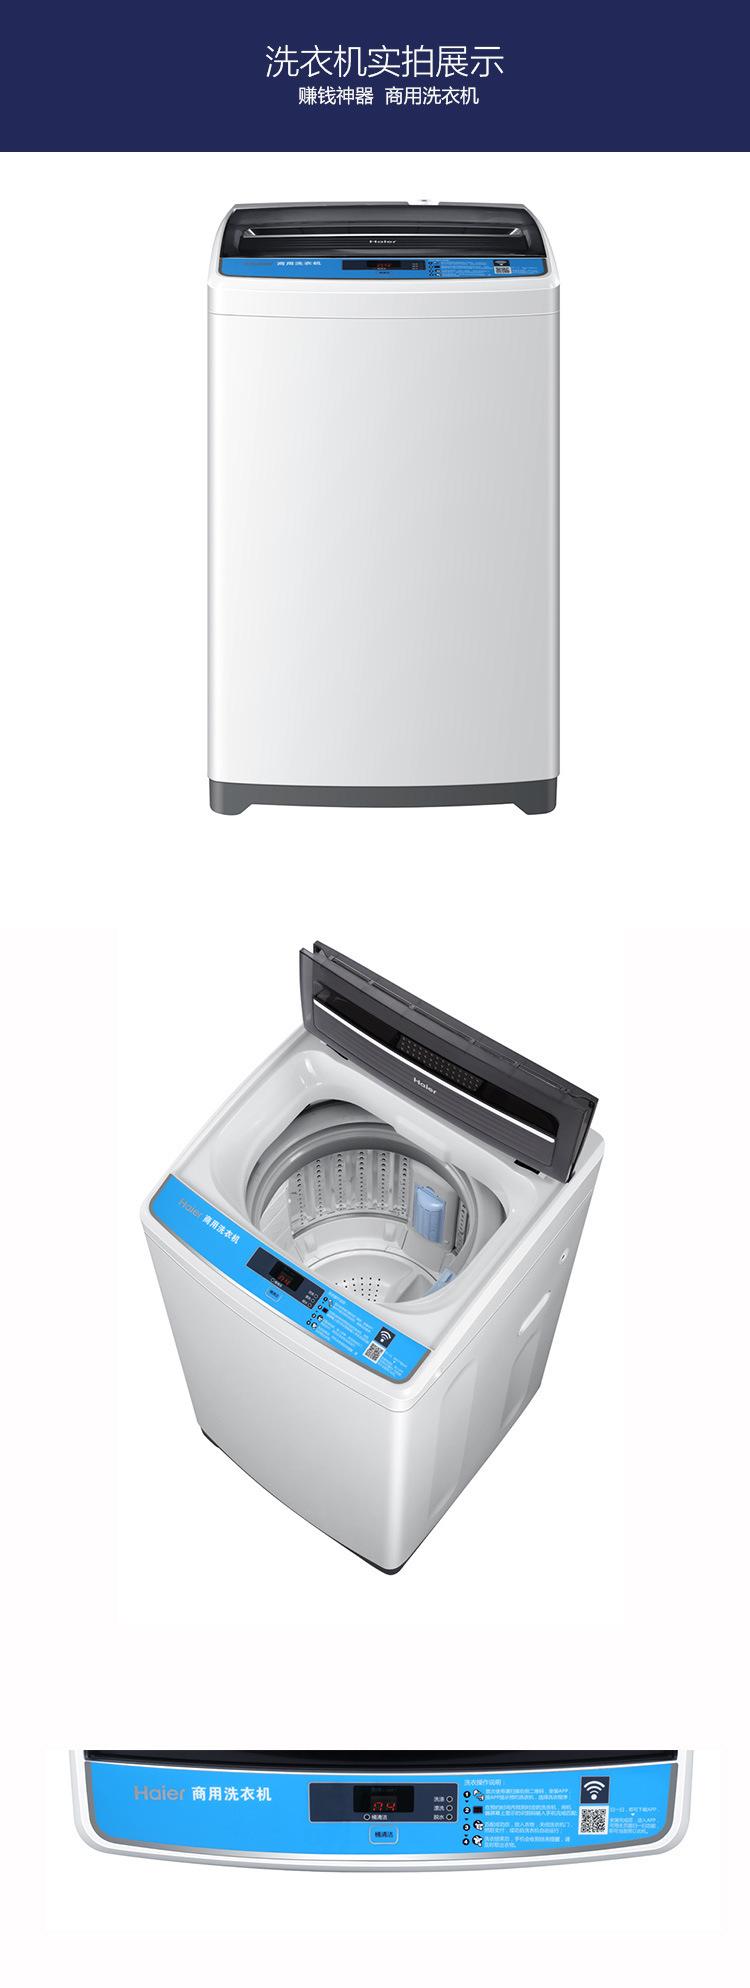 学校刷卡洗衣机